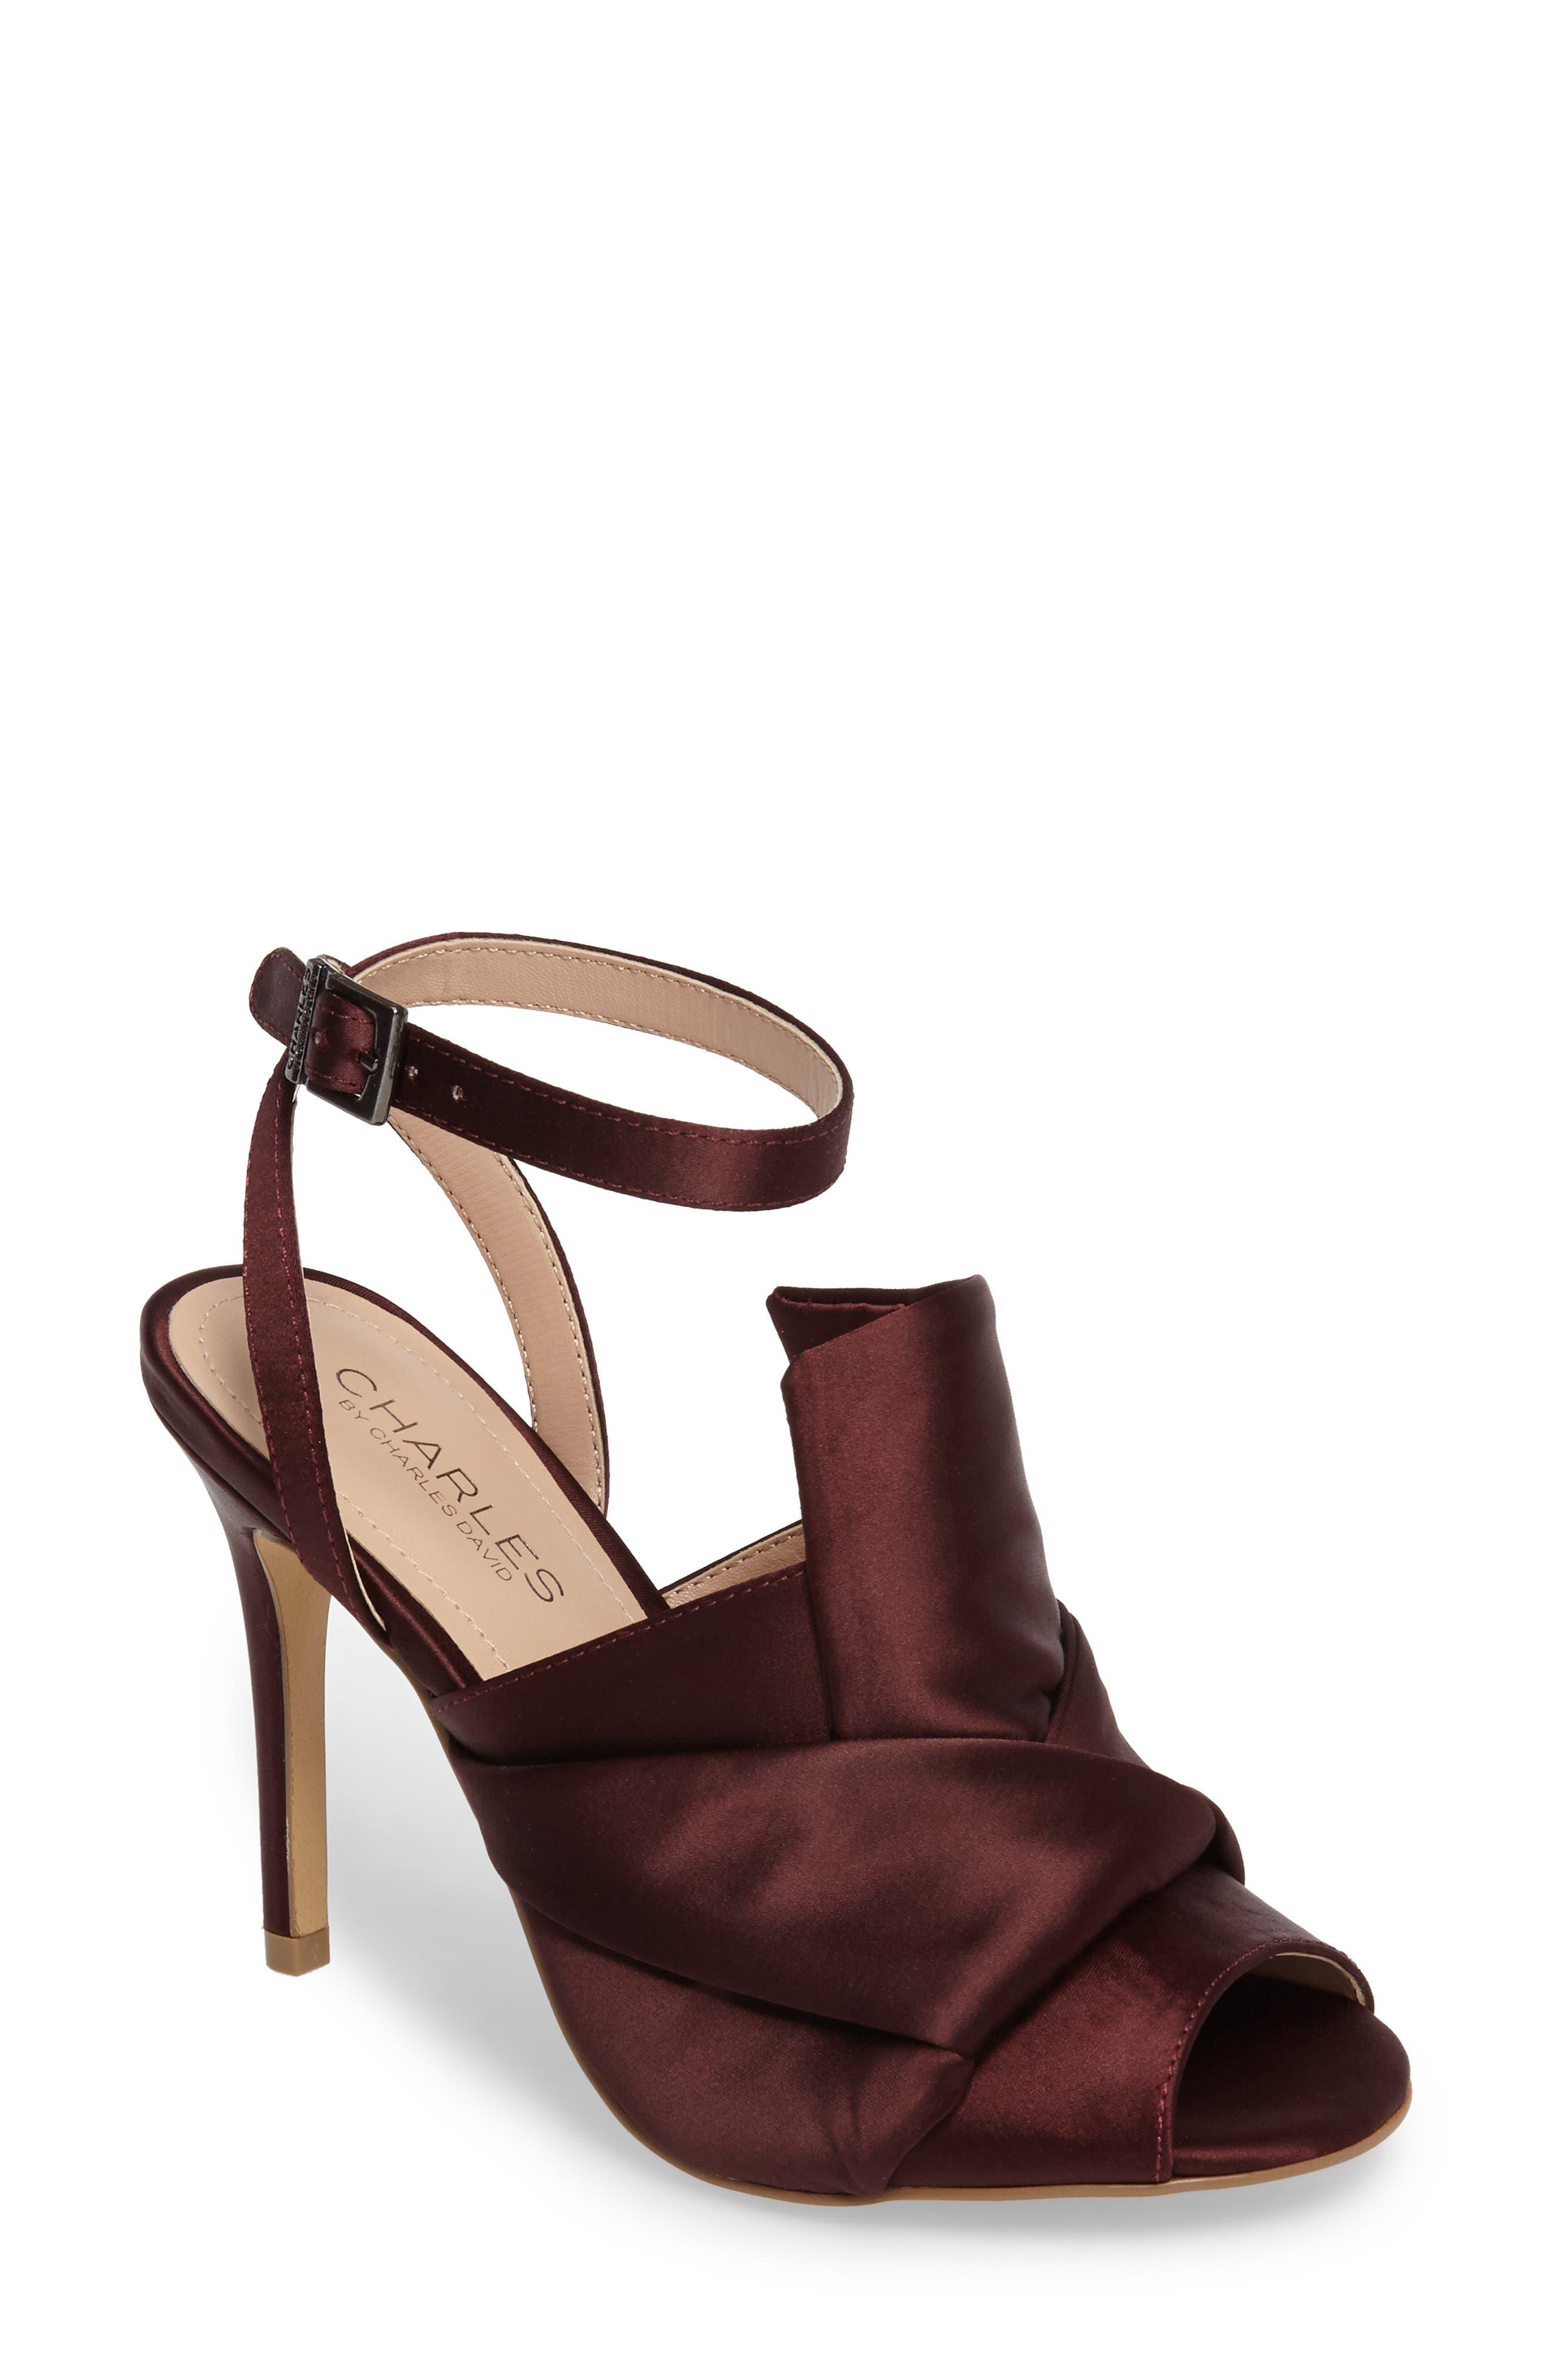 Rachel Ankle Strap Sandal,                             Main thumbnail 3, color,